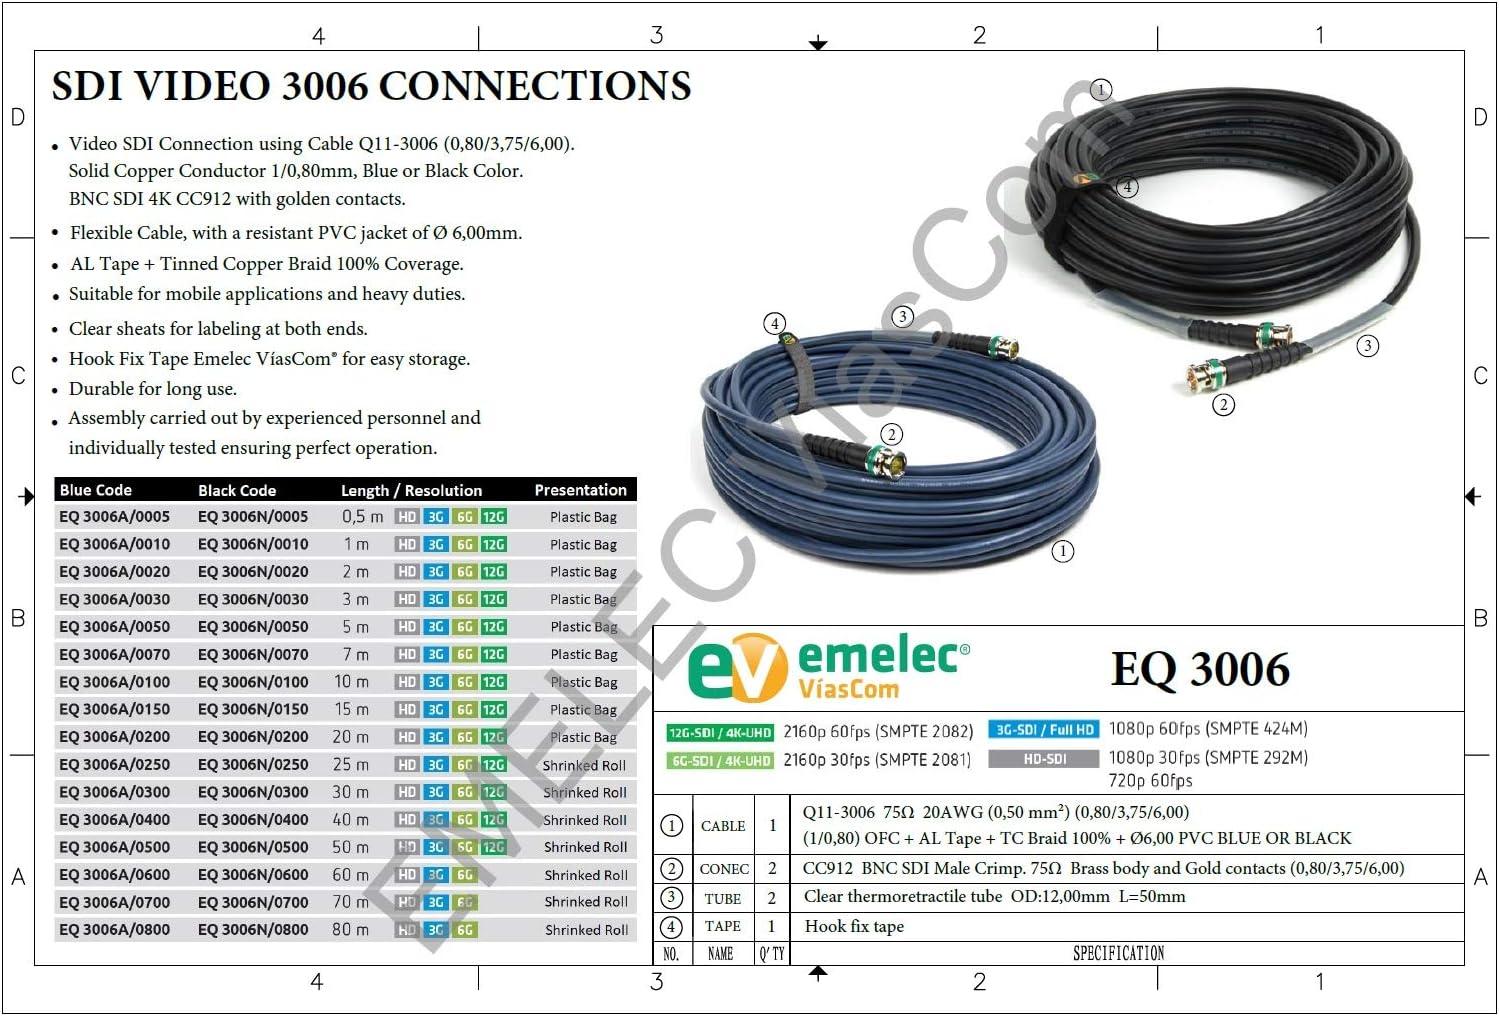 Emelec Víascom Eq3006a 0150 15 0m Videoverbindung Elektronik